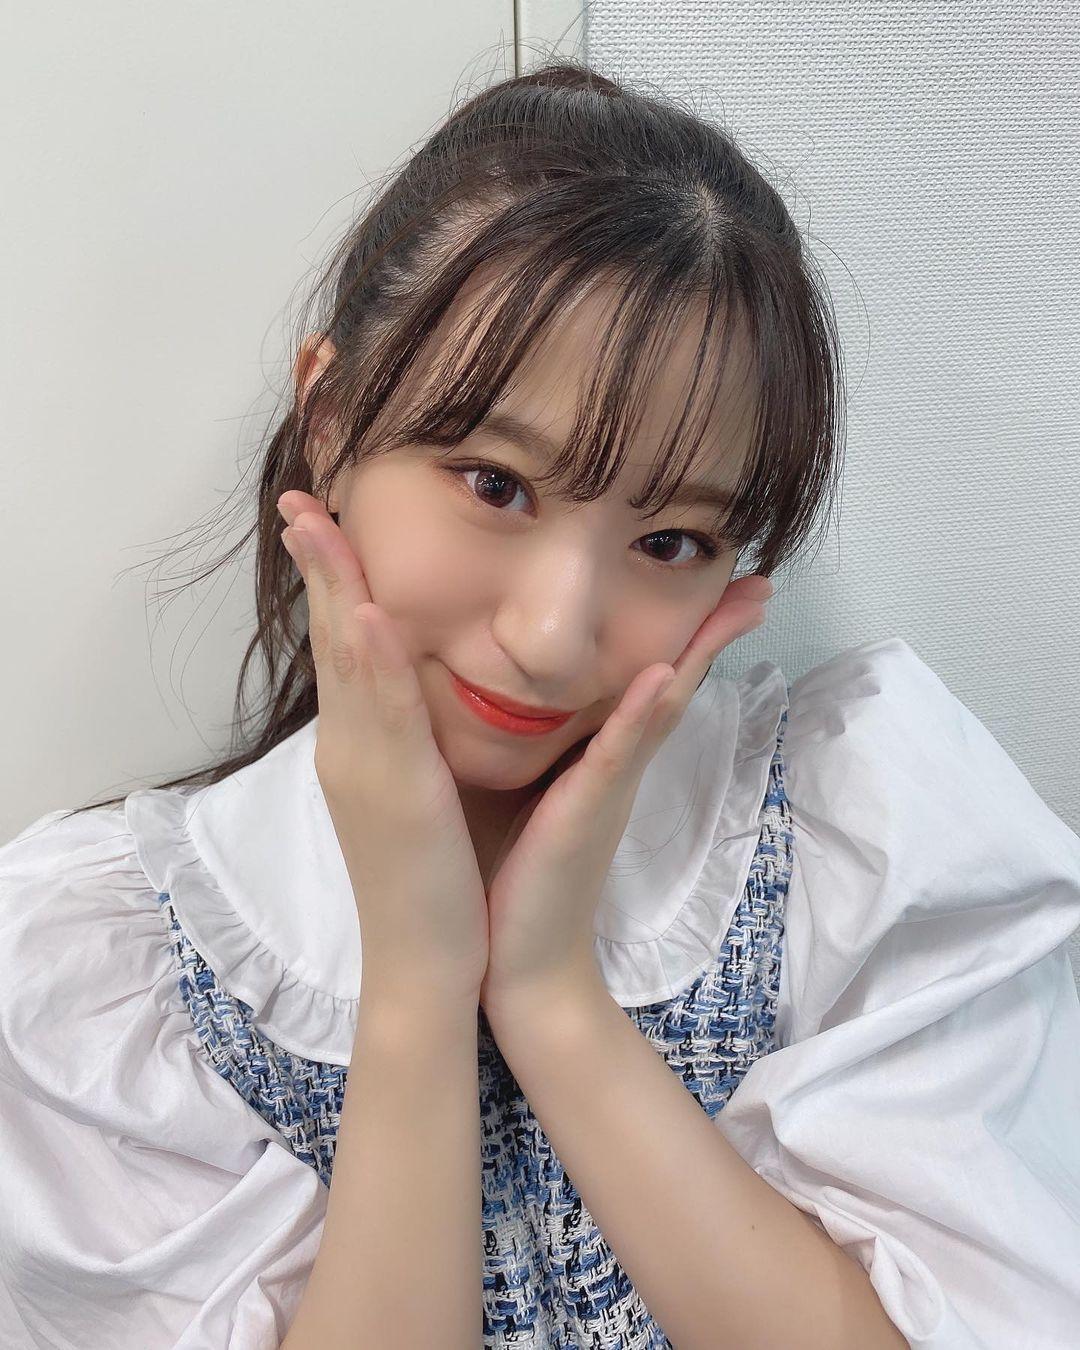 NMB48正妹偶像「上西怜」水の温度辣照持续曝光!-新图包